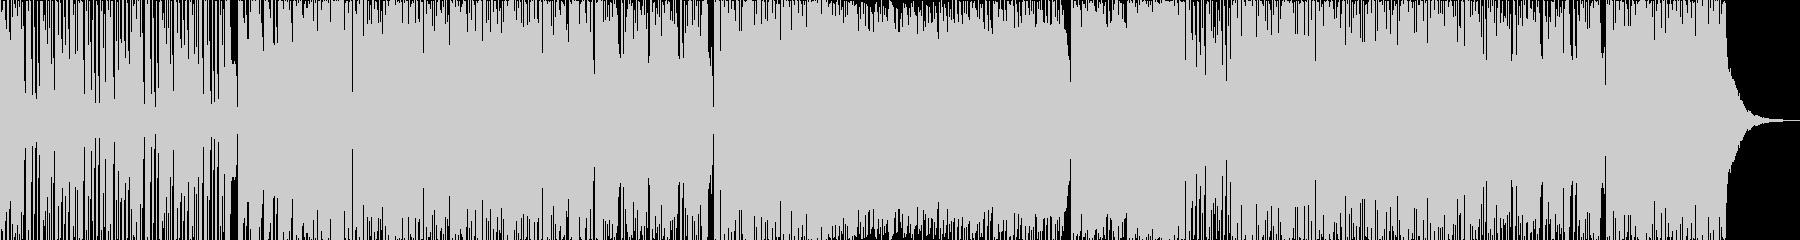 パーティーサウンドなEDM Trapの未再生の波形